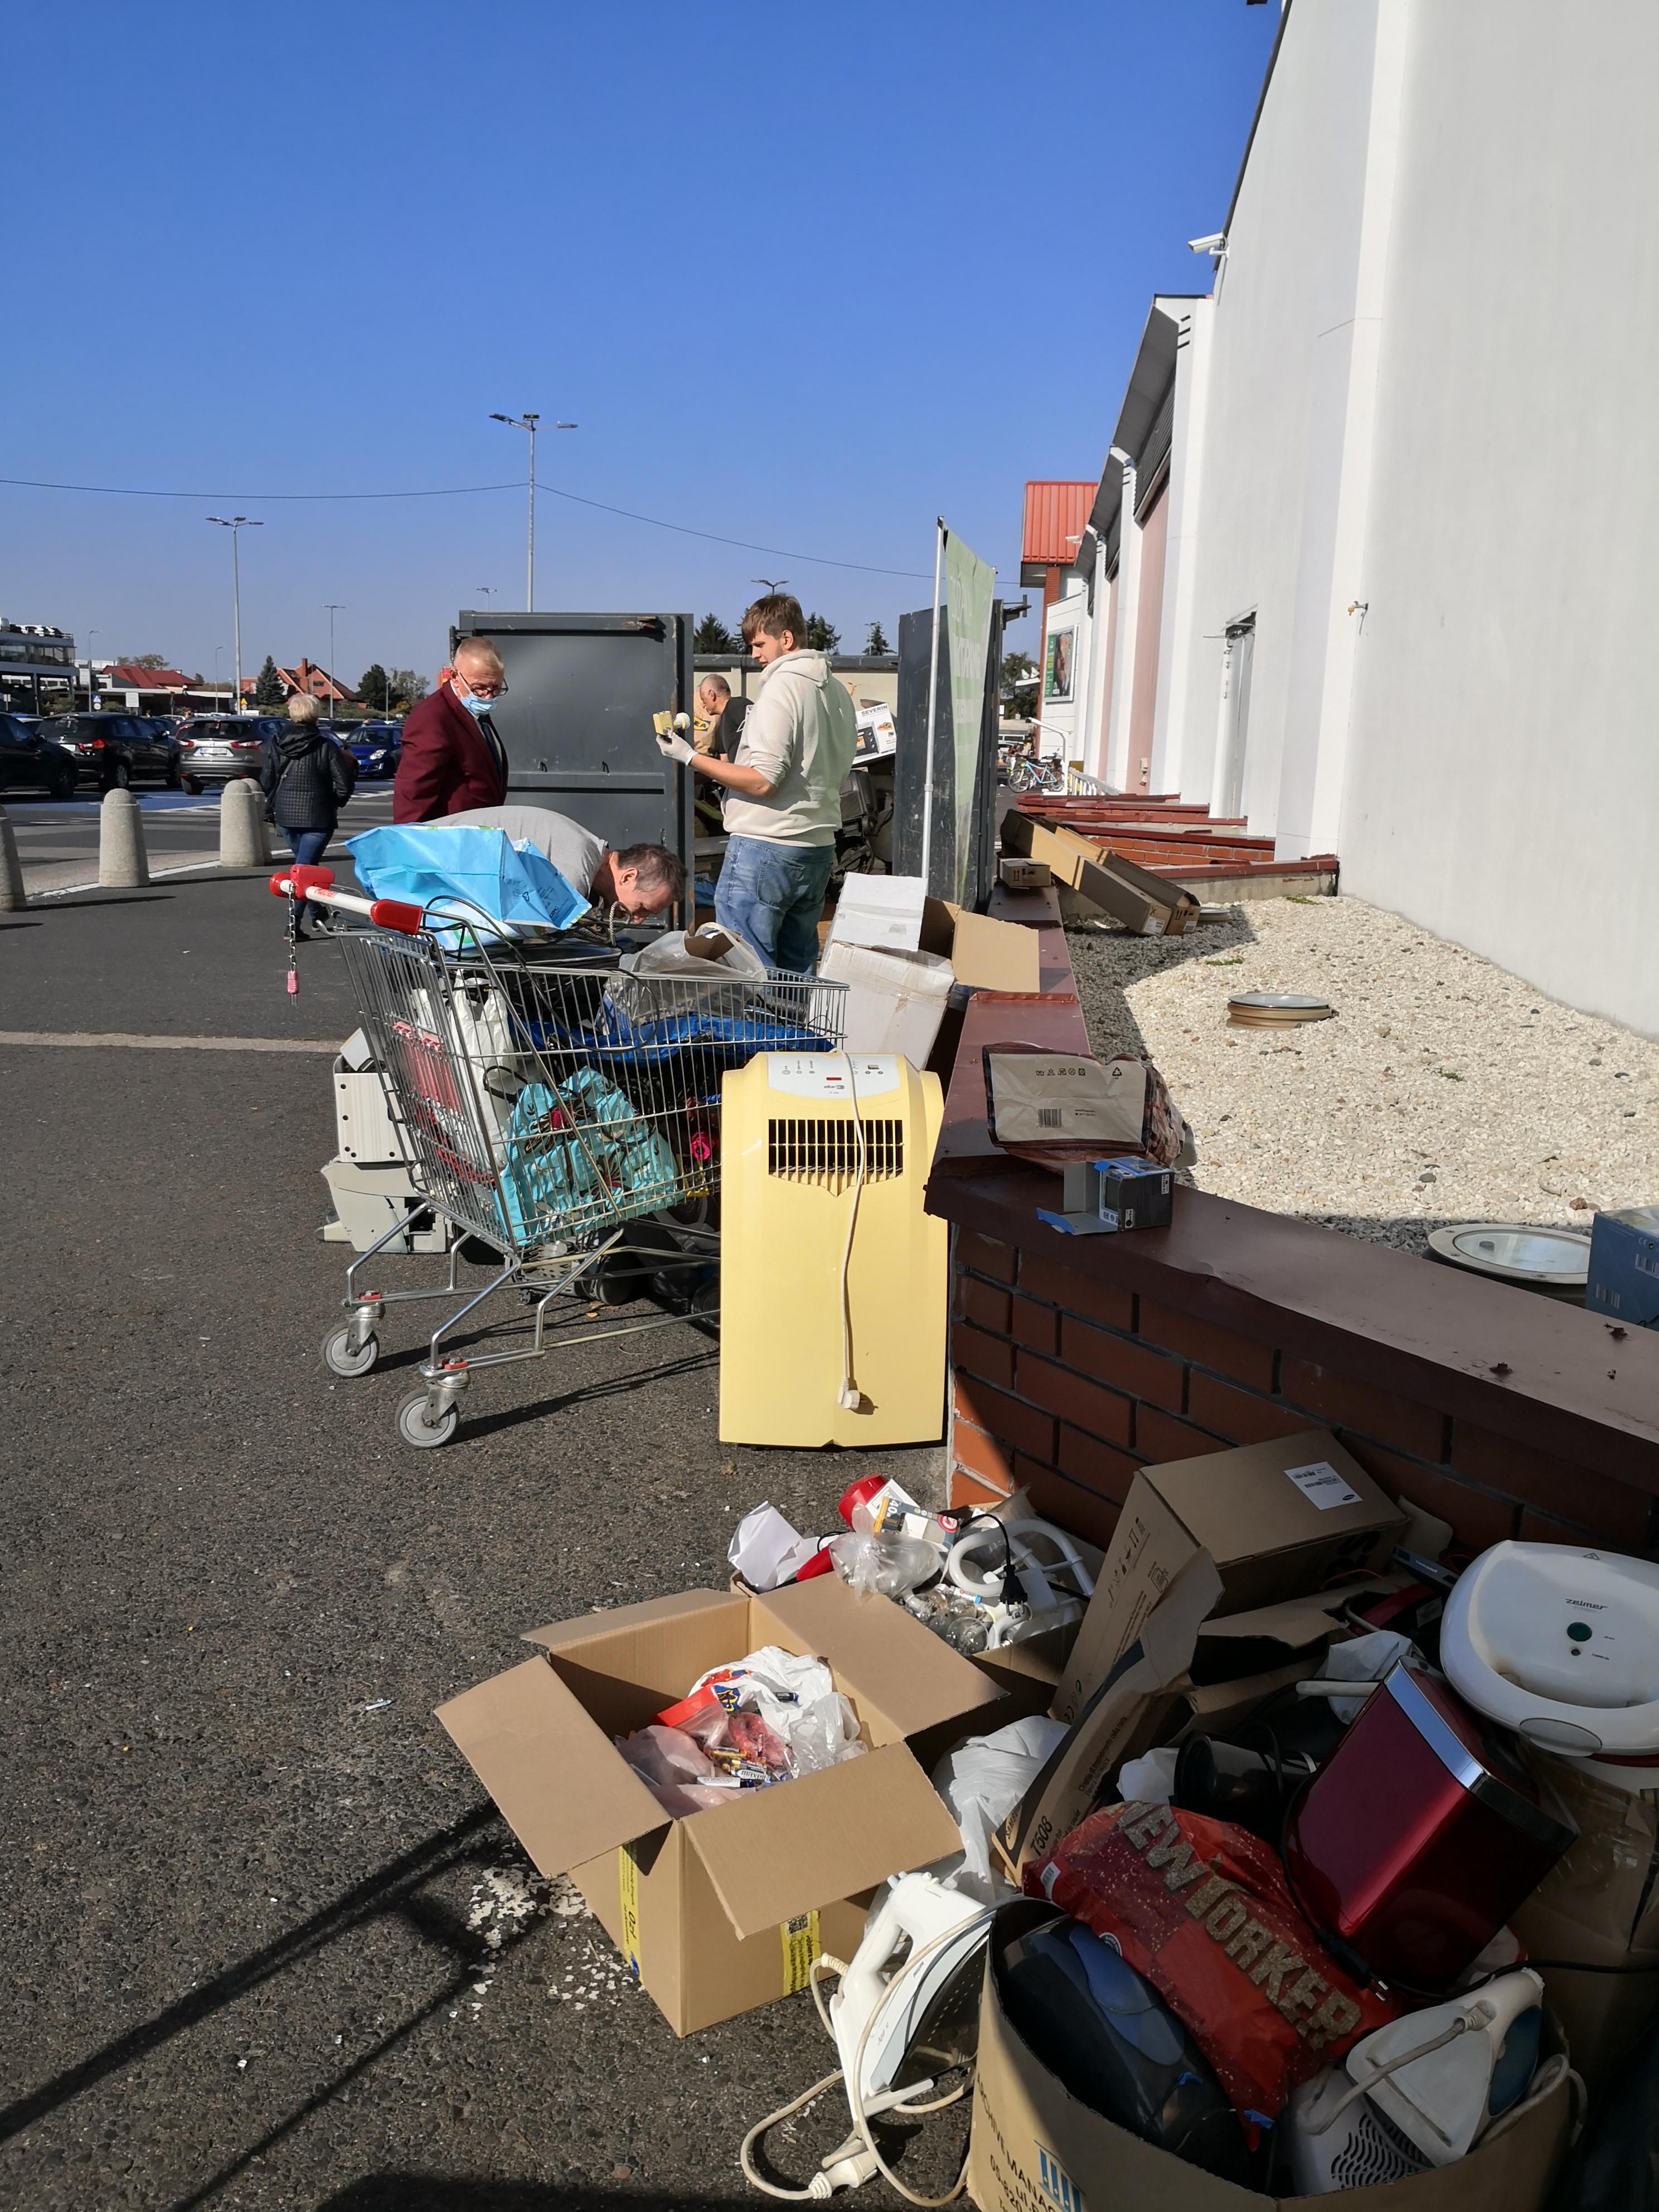 Kwiatek za elektrośmieci. Na zdjęciu kartony i wózek sklepowy wypełnione śmieciami.